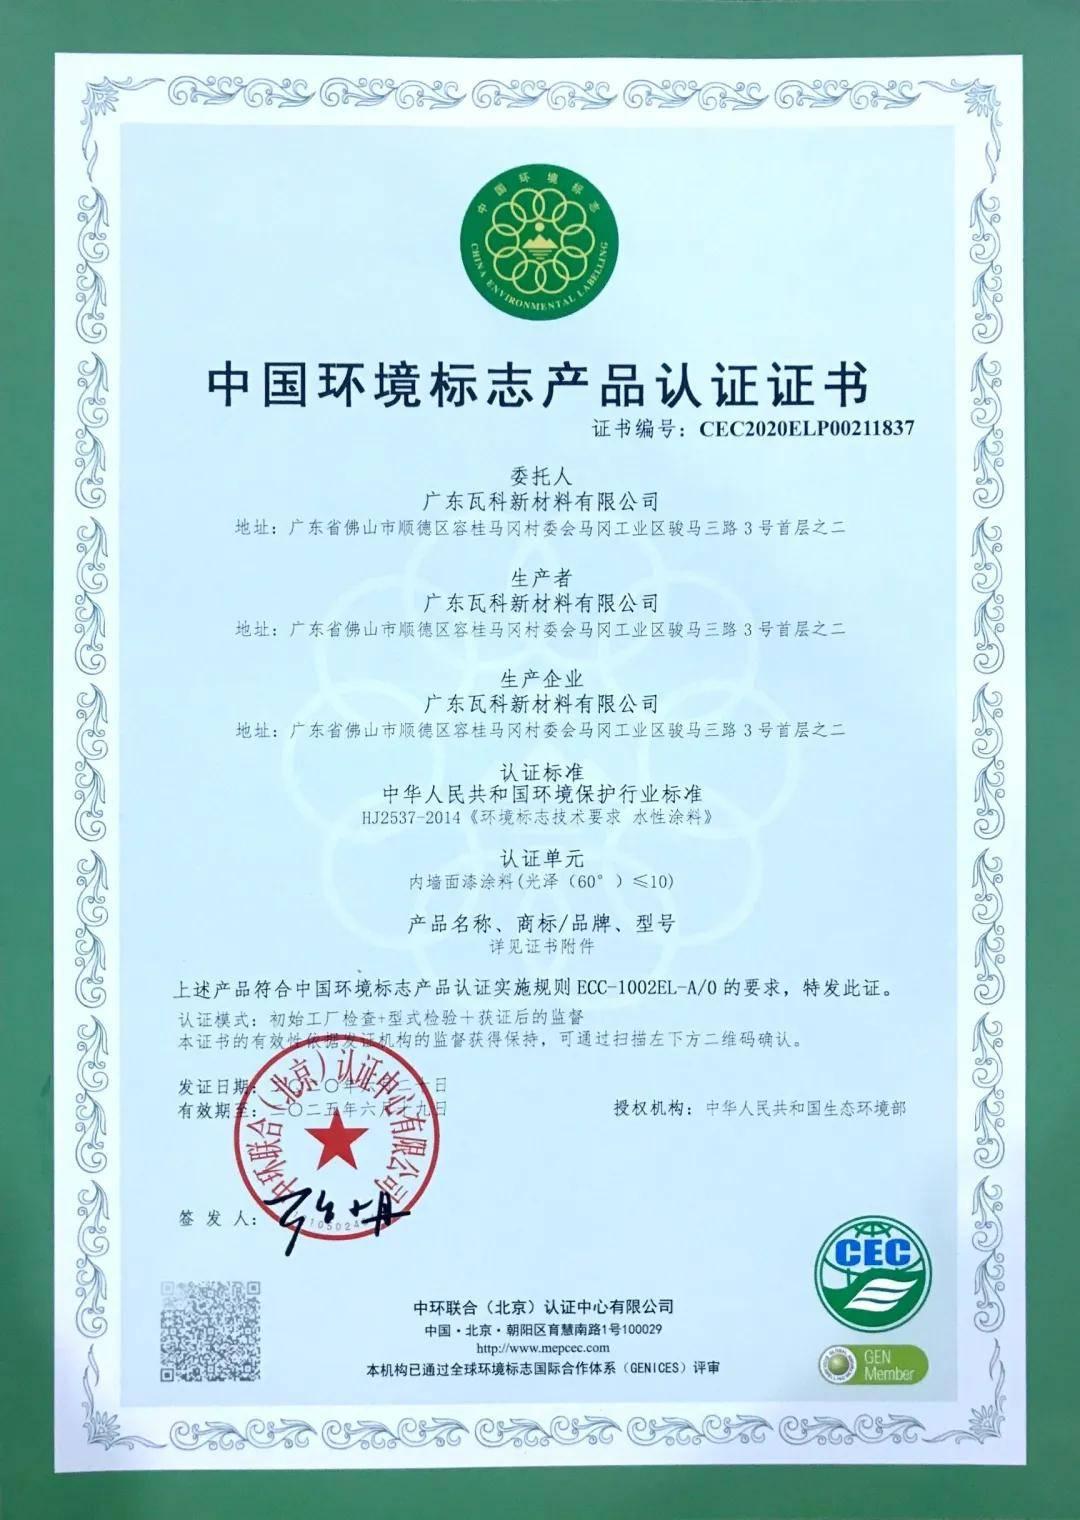 十环徽标(中国情景徽标)是标记在产品或其包装上